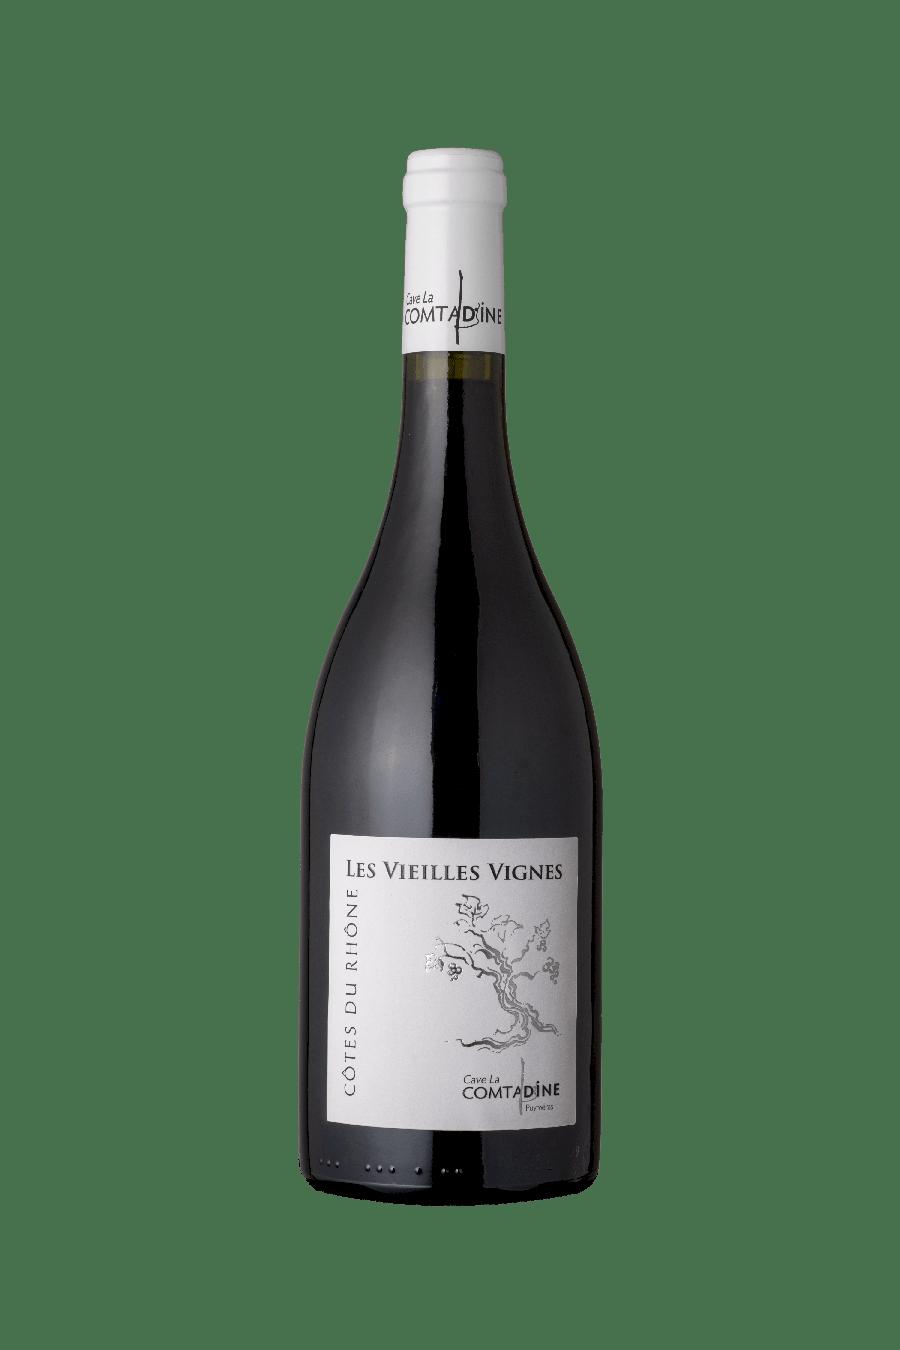 Bouteille vin rouge Vieille vigne